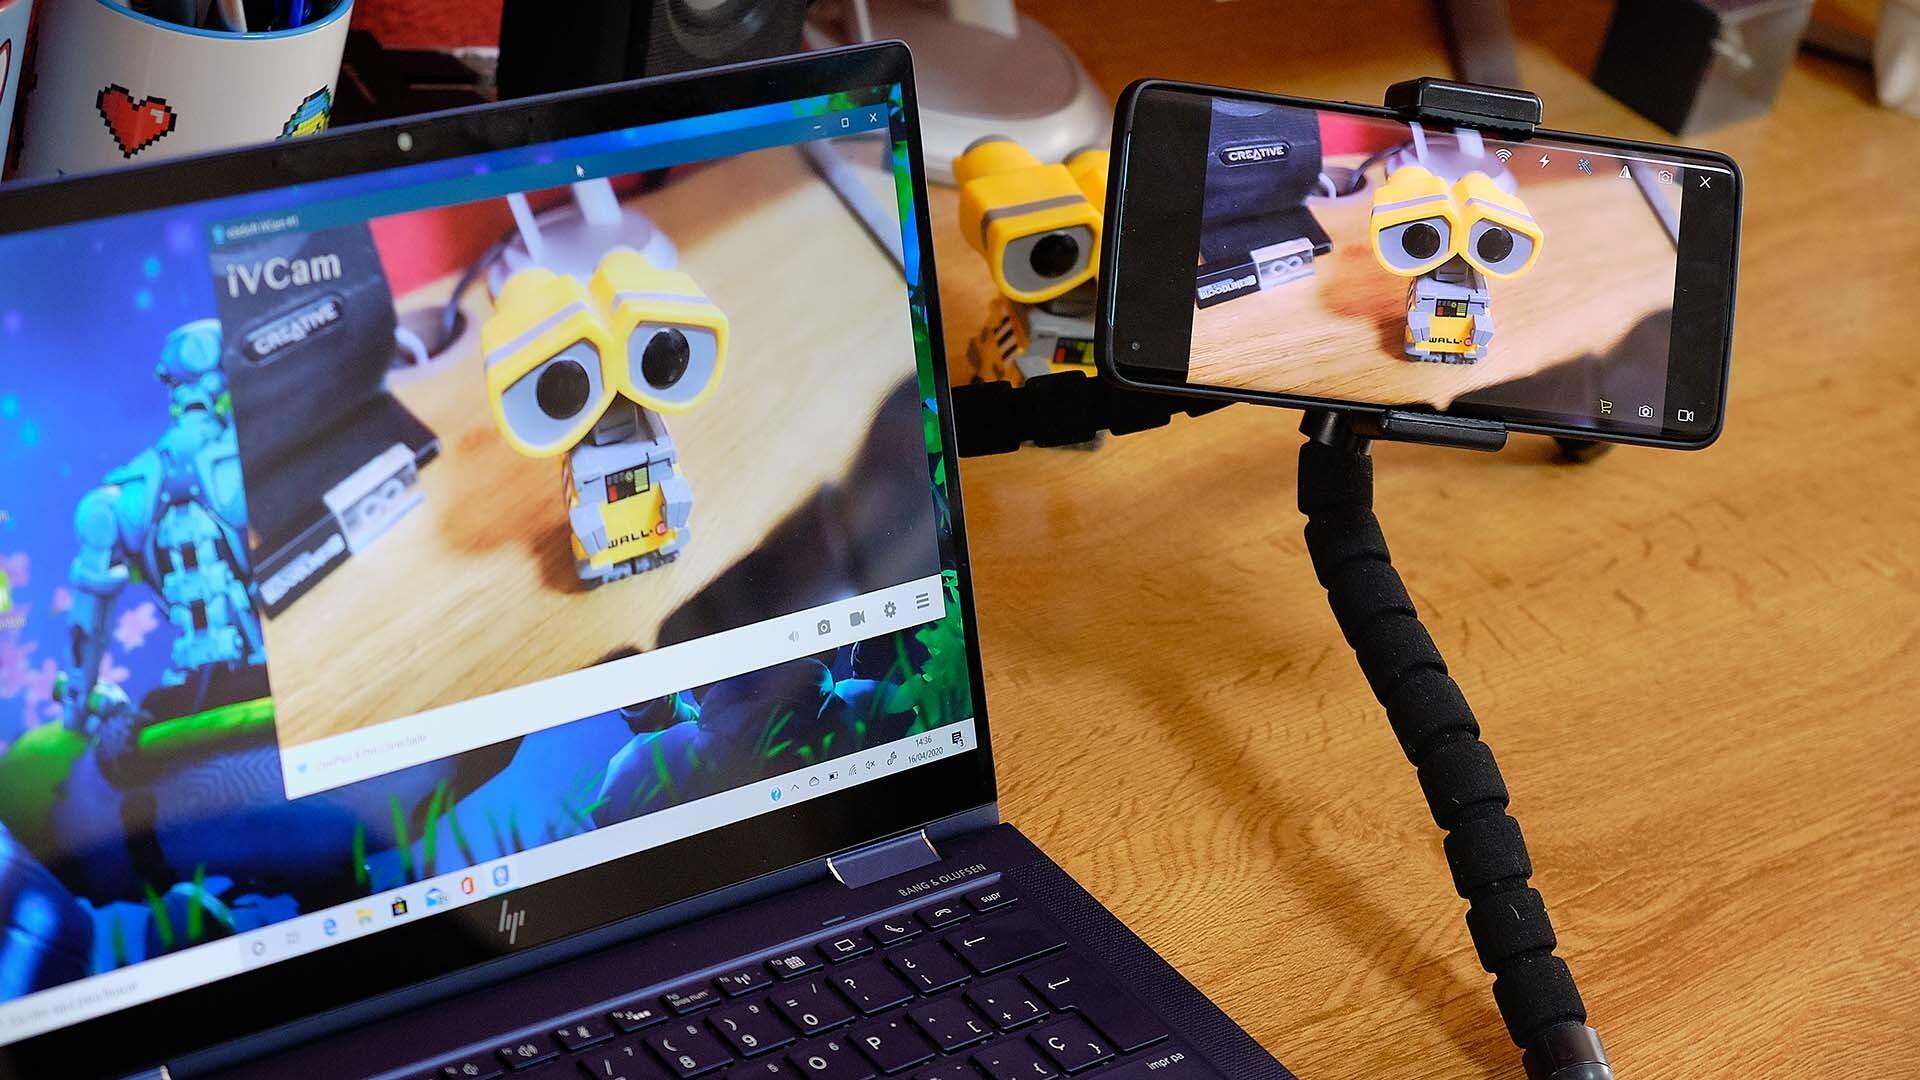 Convierte tu smartphone en una webcam para tus videollamadas